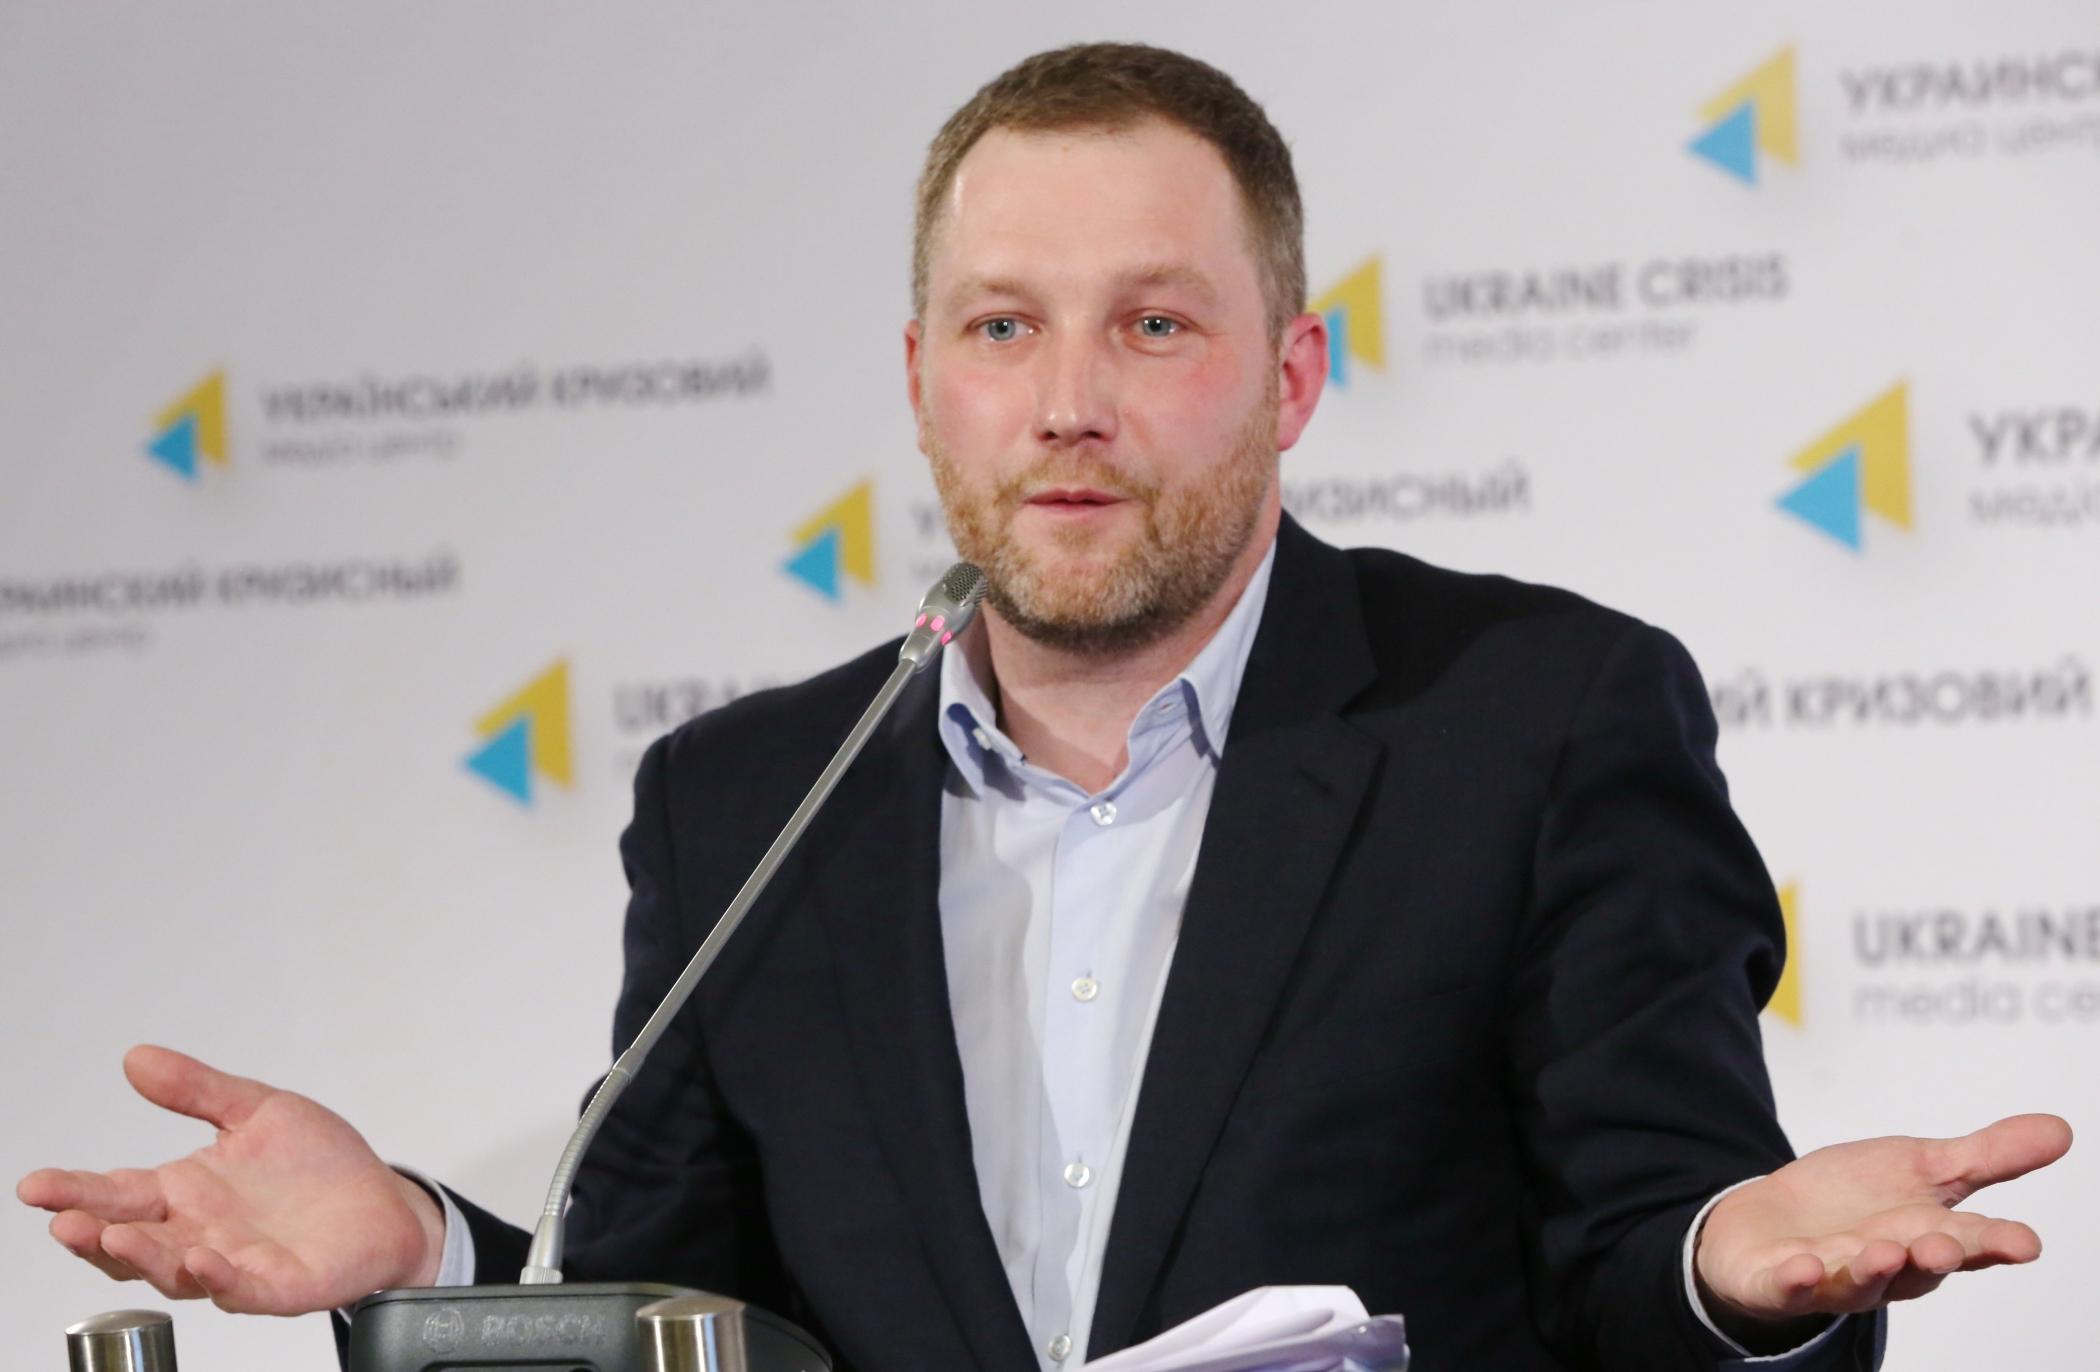 """Олег Деревянко: """"Школьные знания должны стать практическими навыками, применяемыми в жизни"""""""